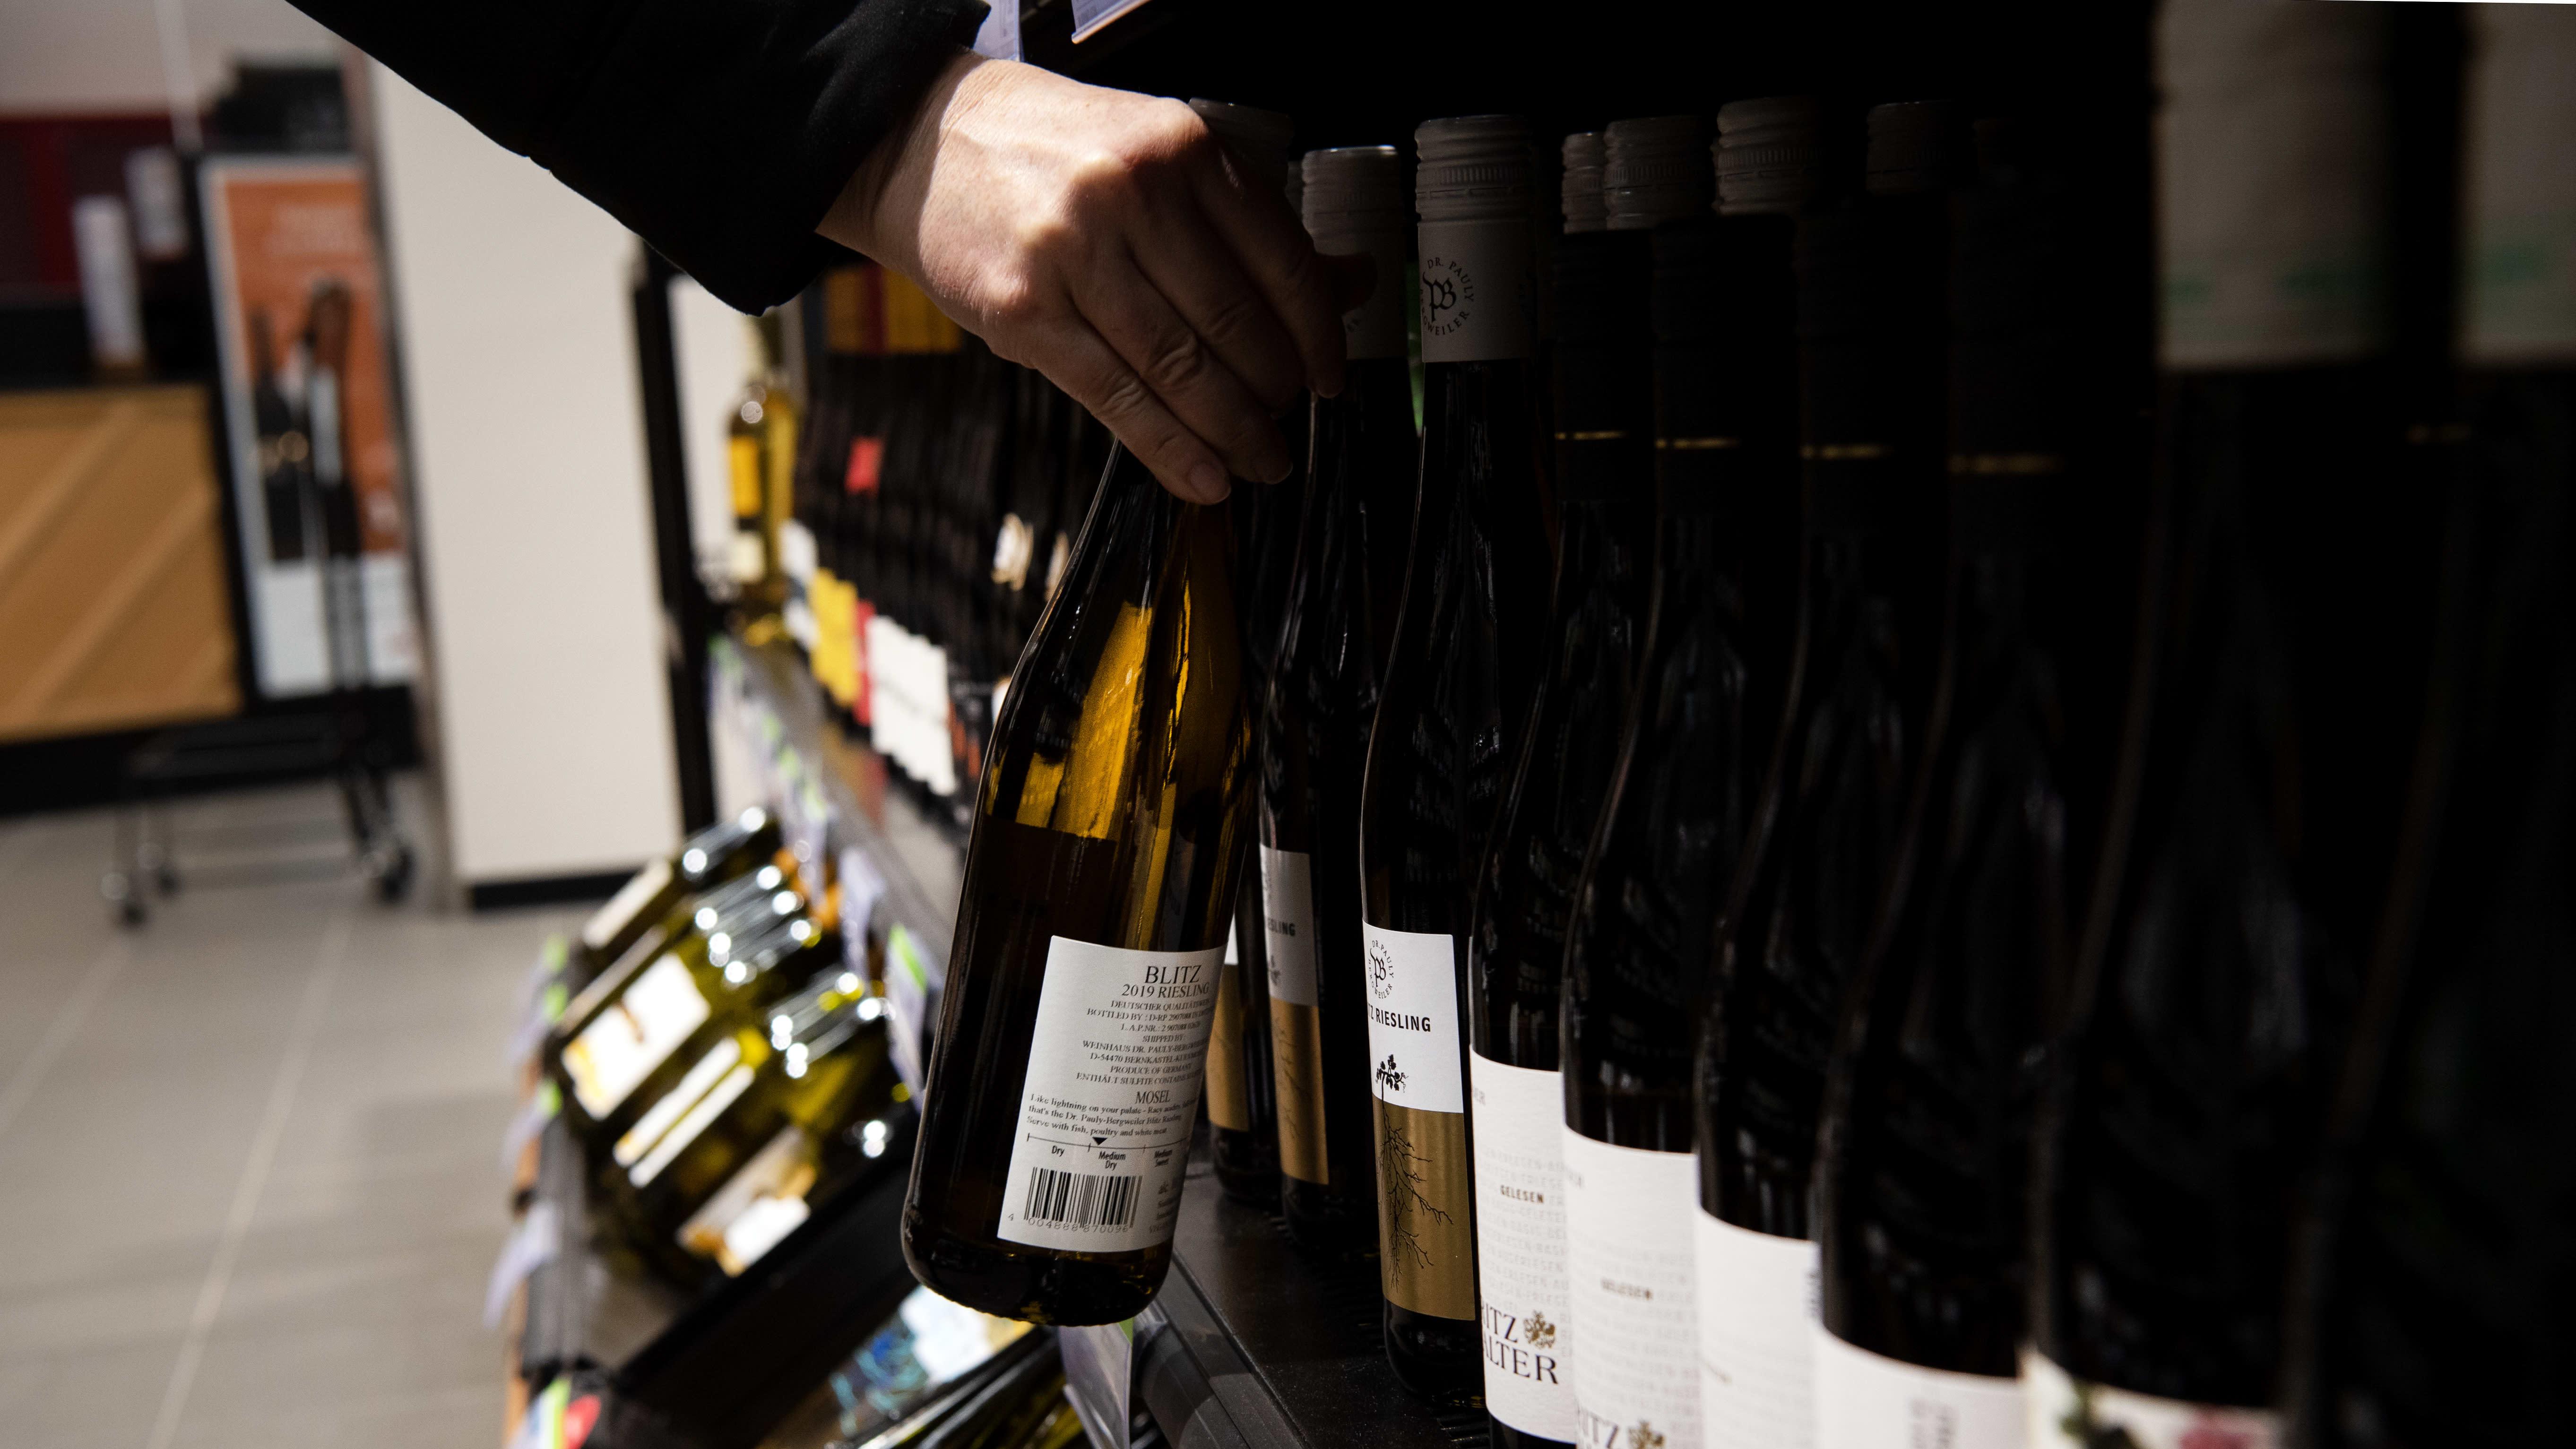 Asiakas viinihyllyn luona Alkossa.